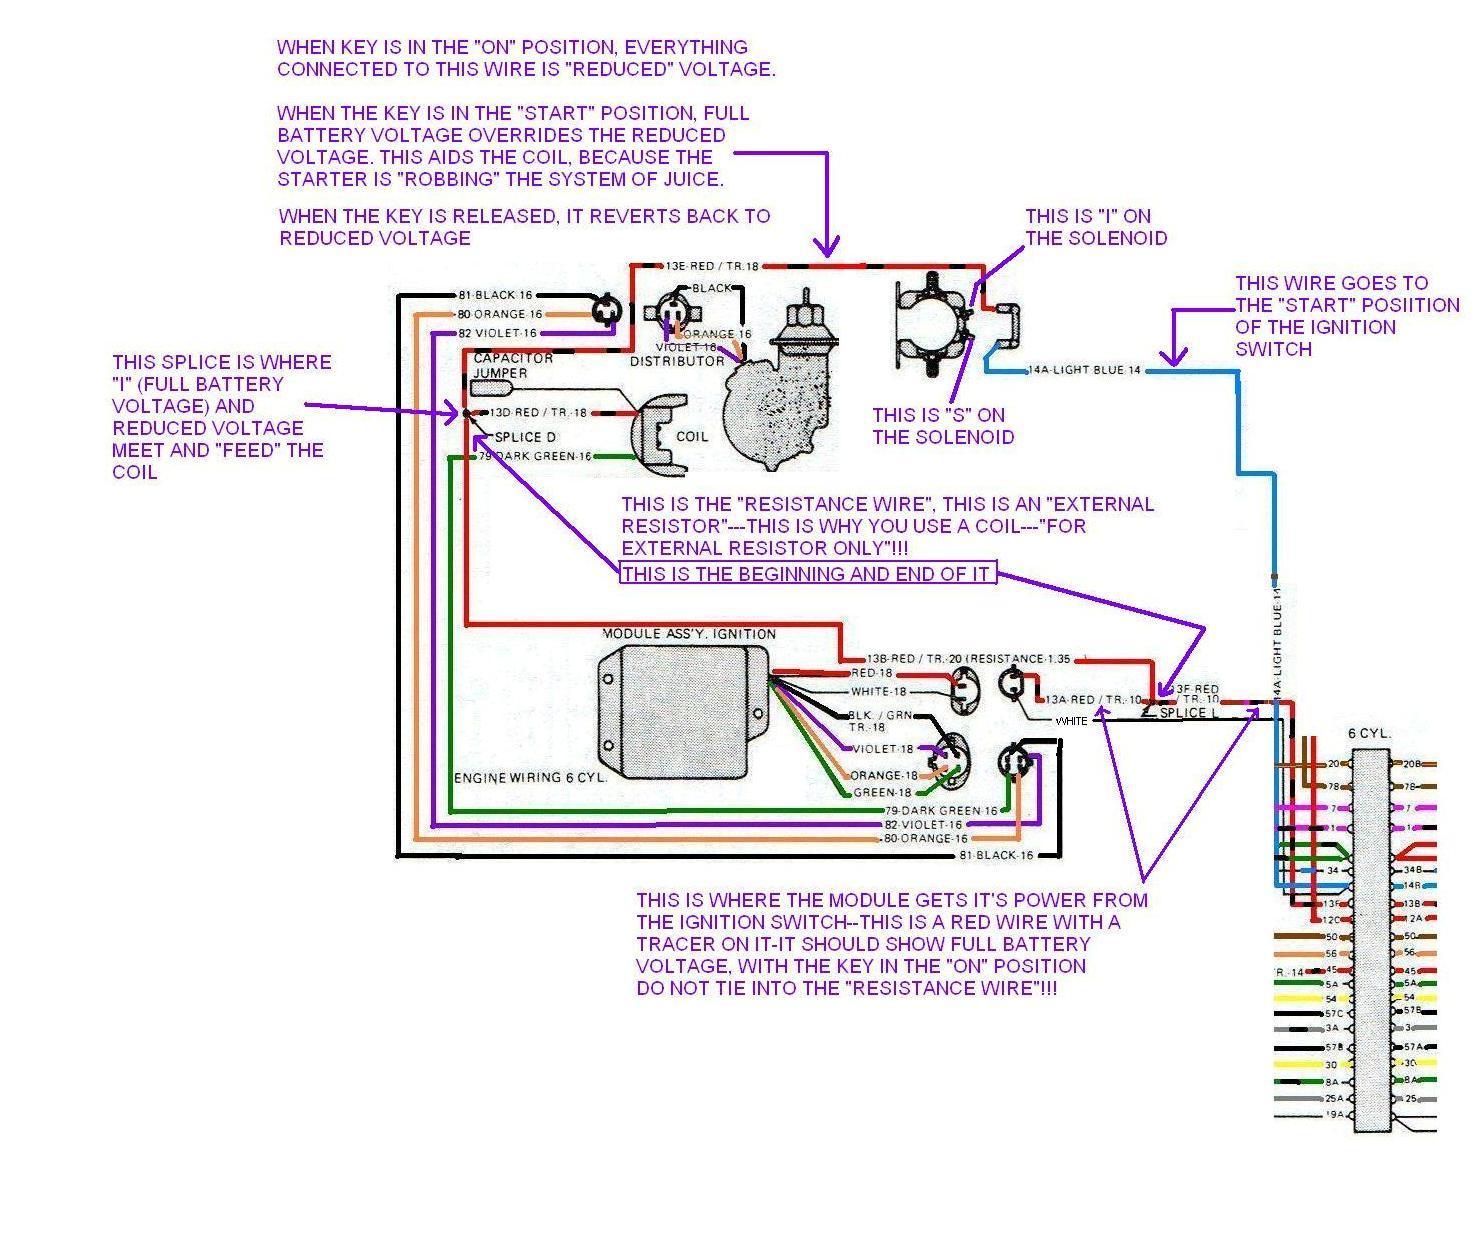 mopar yj wiring diagram to  84 cj7 258 i6 weber 32 36 carb tfi igniton upgrade no   84 cj7 258 i6 weber 32 36 carb tfi igniton upgrade no